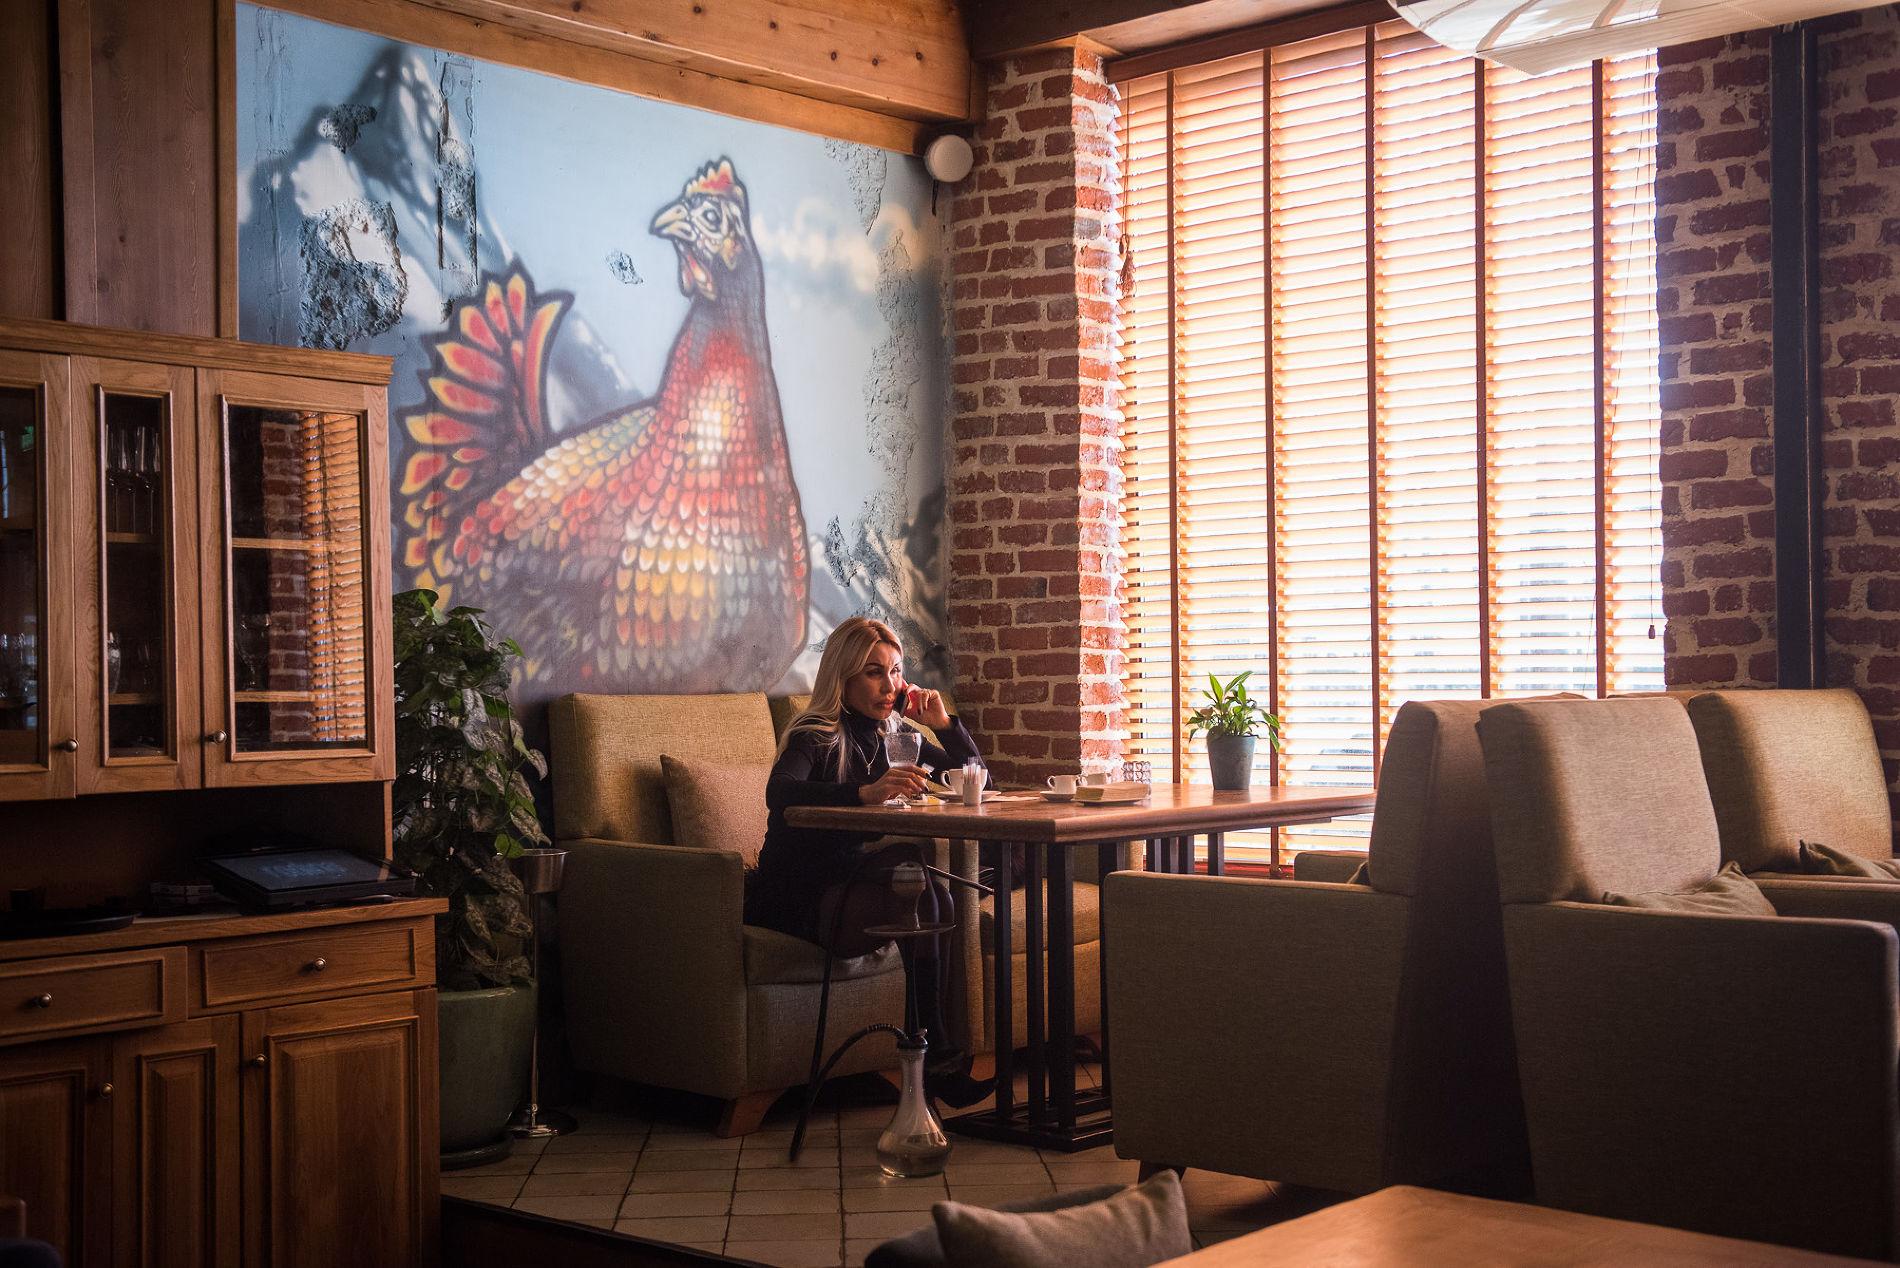 Роспись Саши Maslo в ресторане «Rodina южной кухни» ©Фото Елены Синеок, Юга.ру